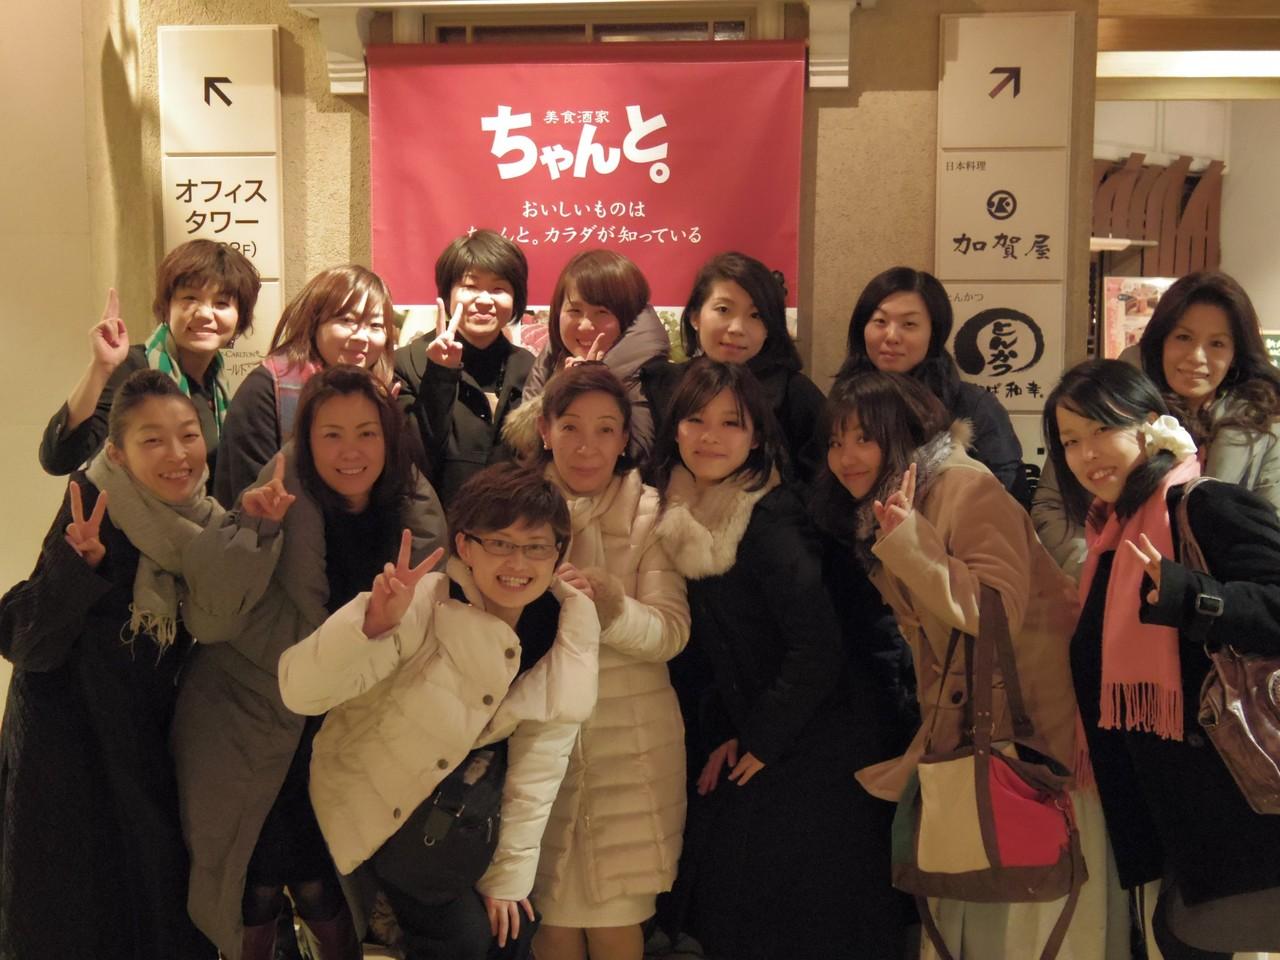 懇親会終了後の記念撮影。みなさま、ありがとうございました!